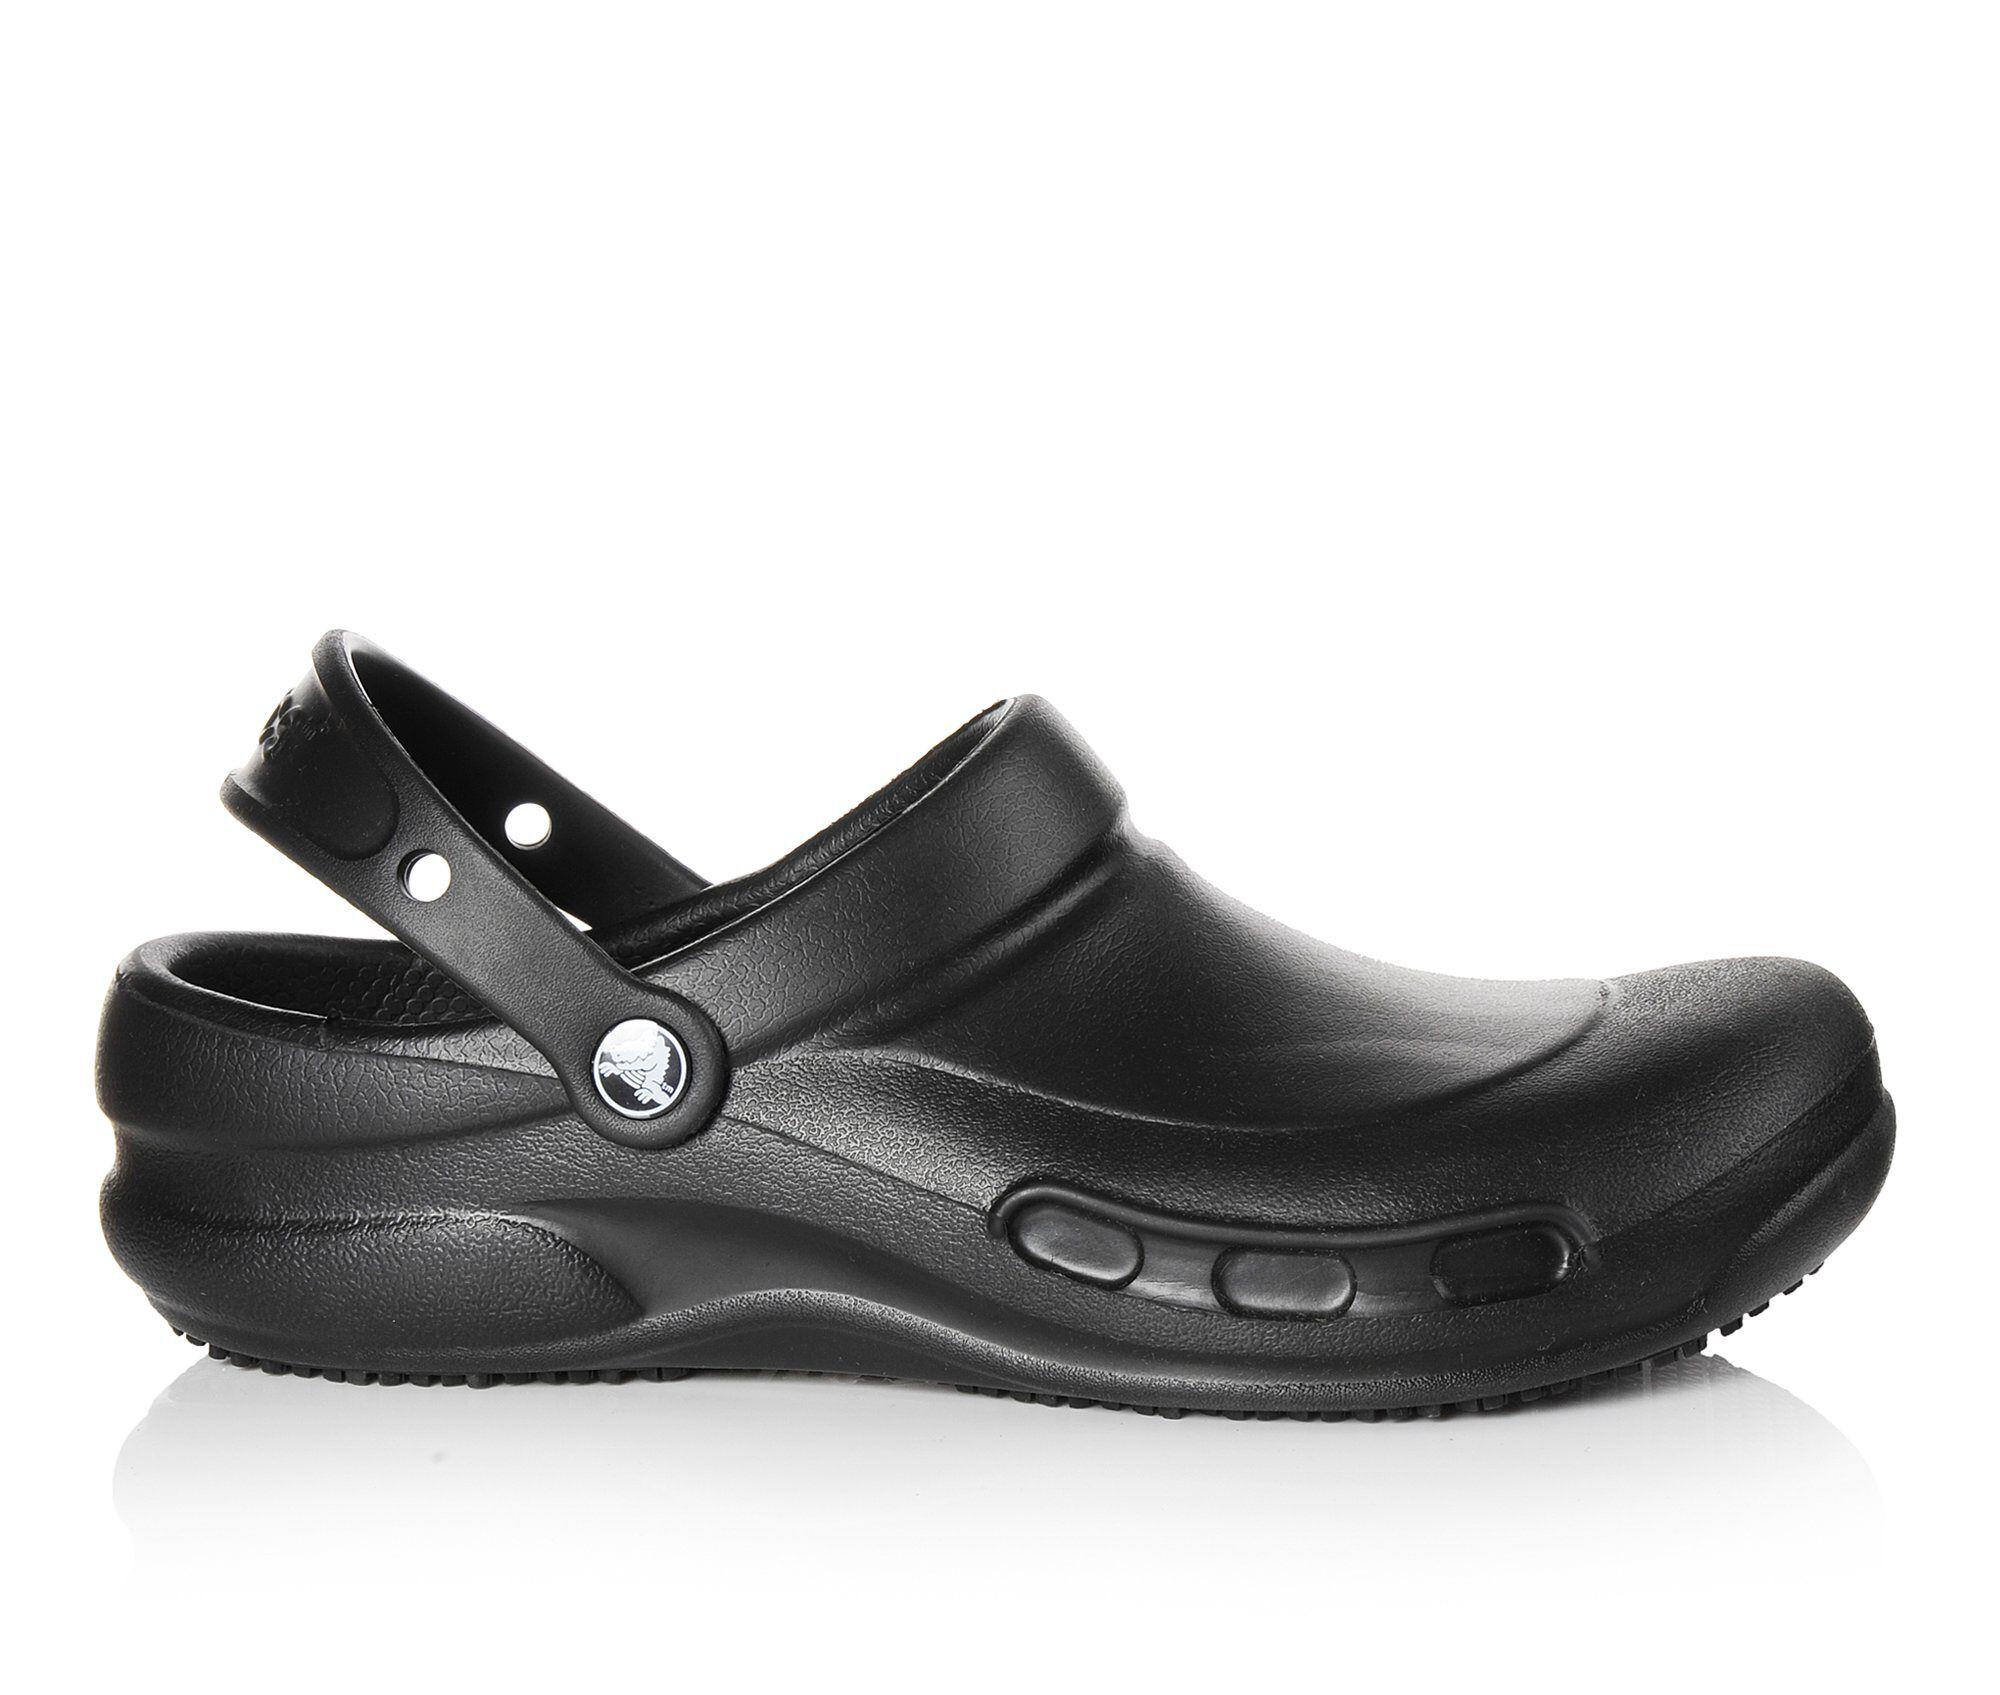 Men's Crocs Work Bistro Slip Resistant